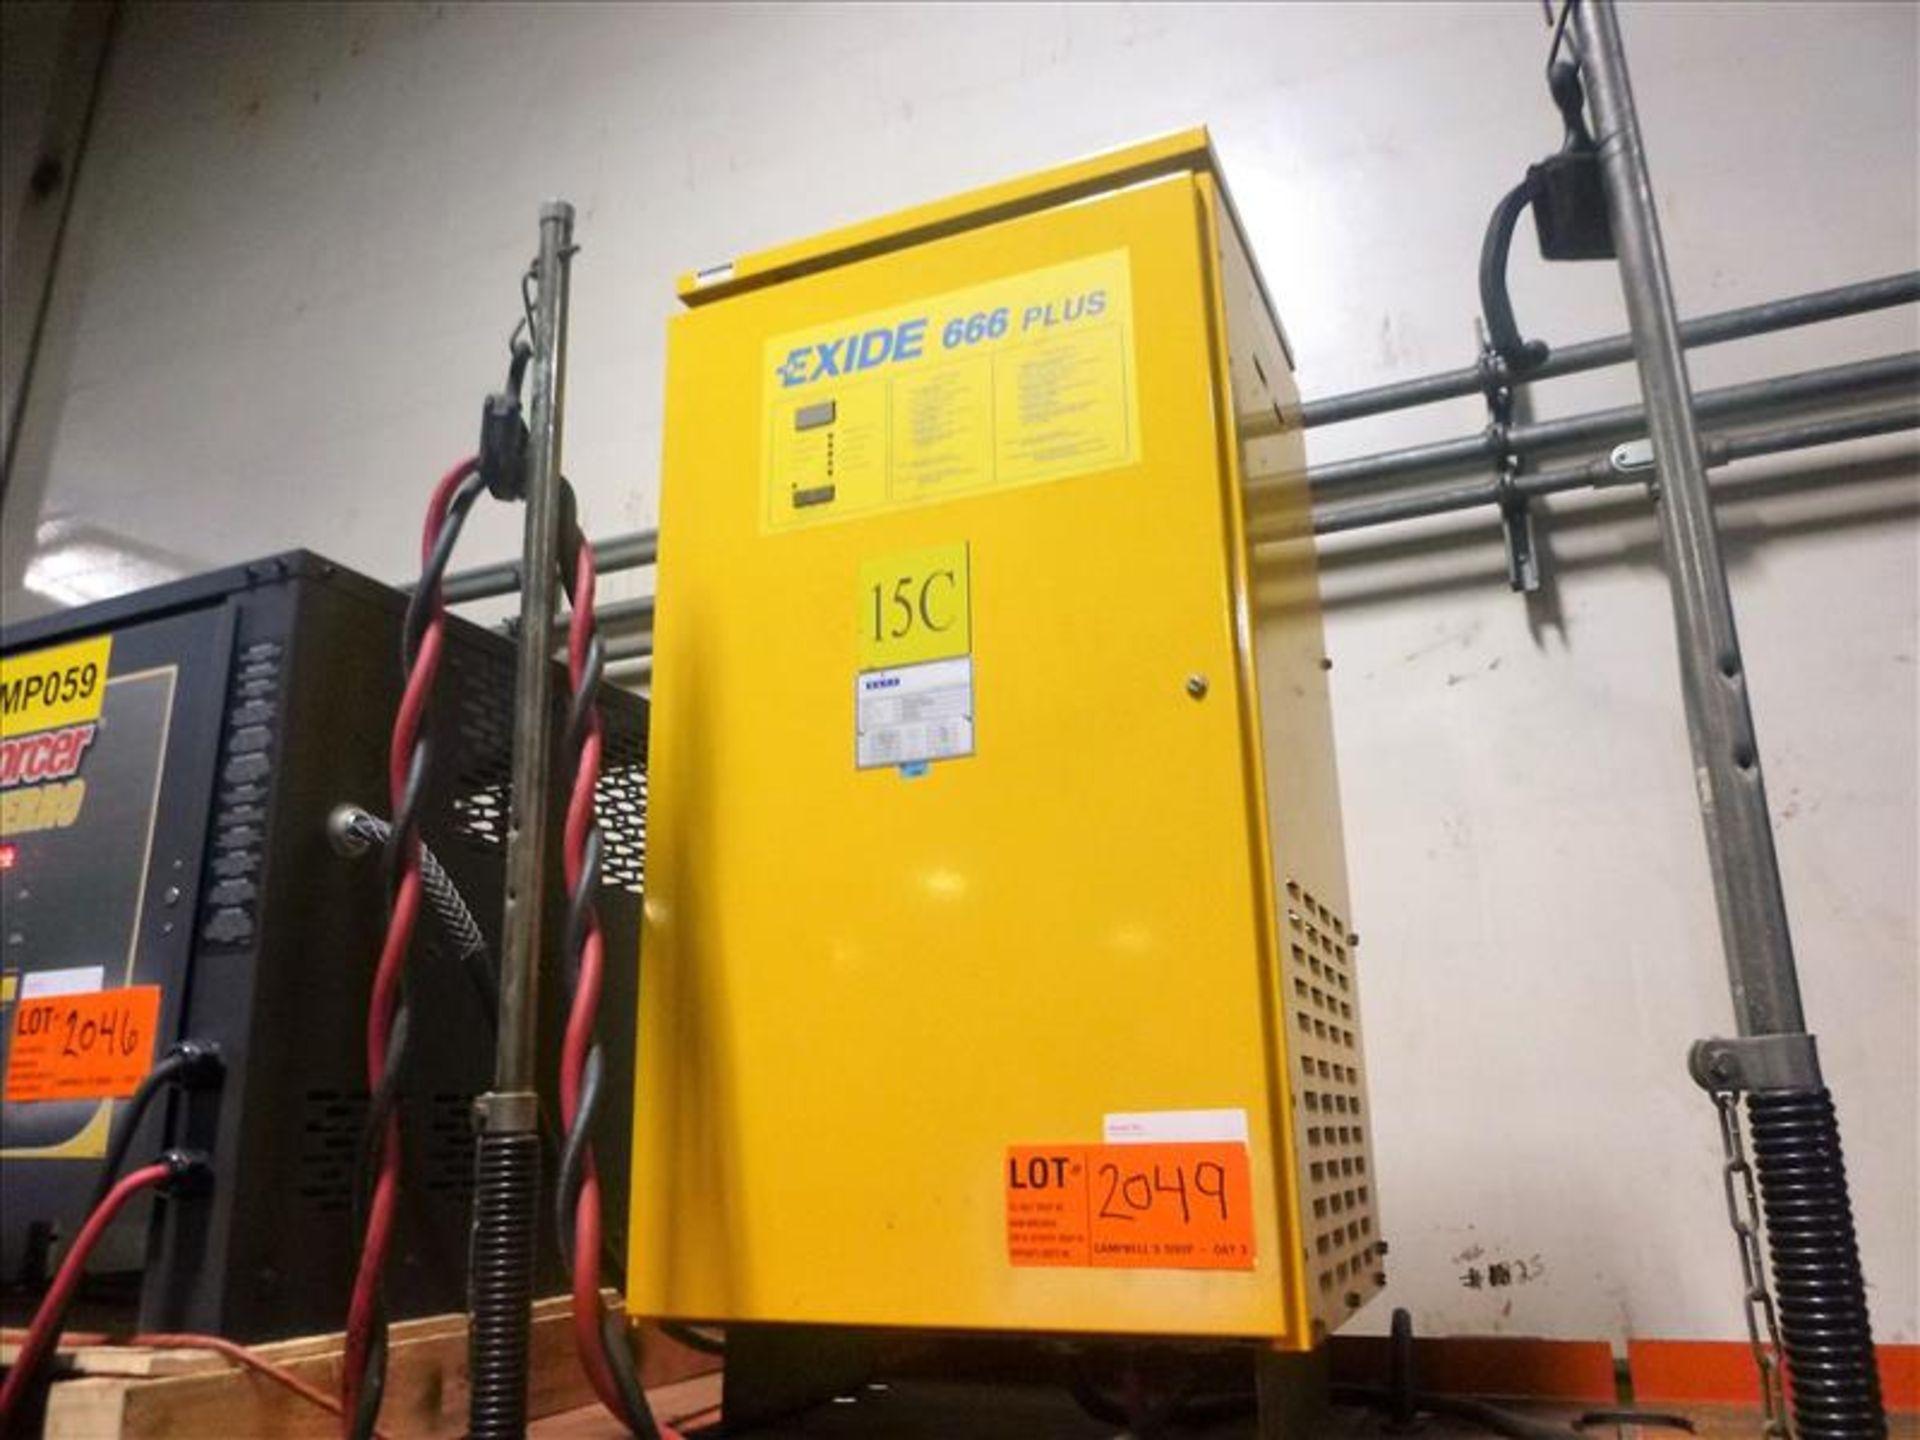 Excide 666 battery charger, 12V [Material Handling]